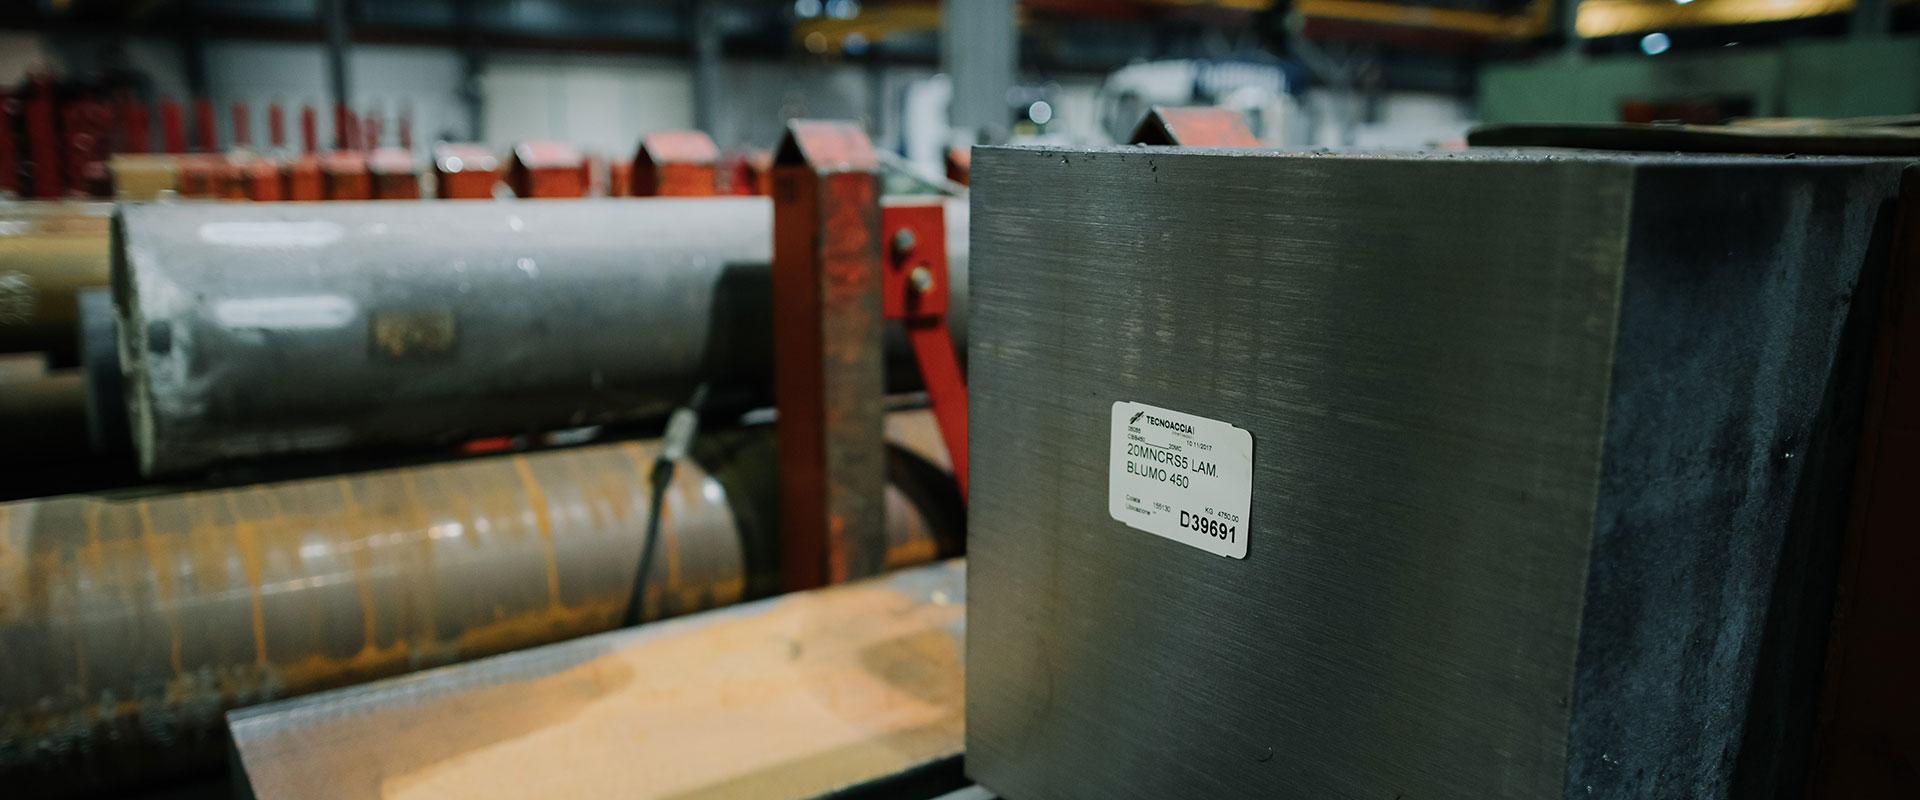 tecnoacciai vendita acciaio inox, siderurgica, acciai per industria meccanica, impiantistica